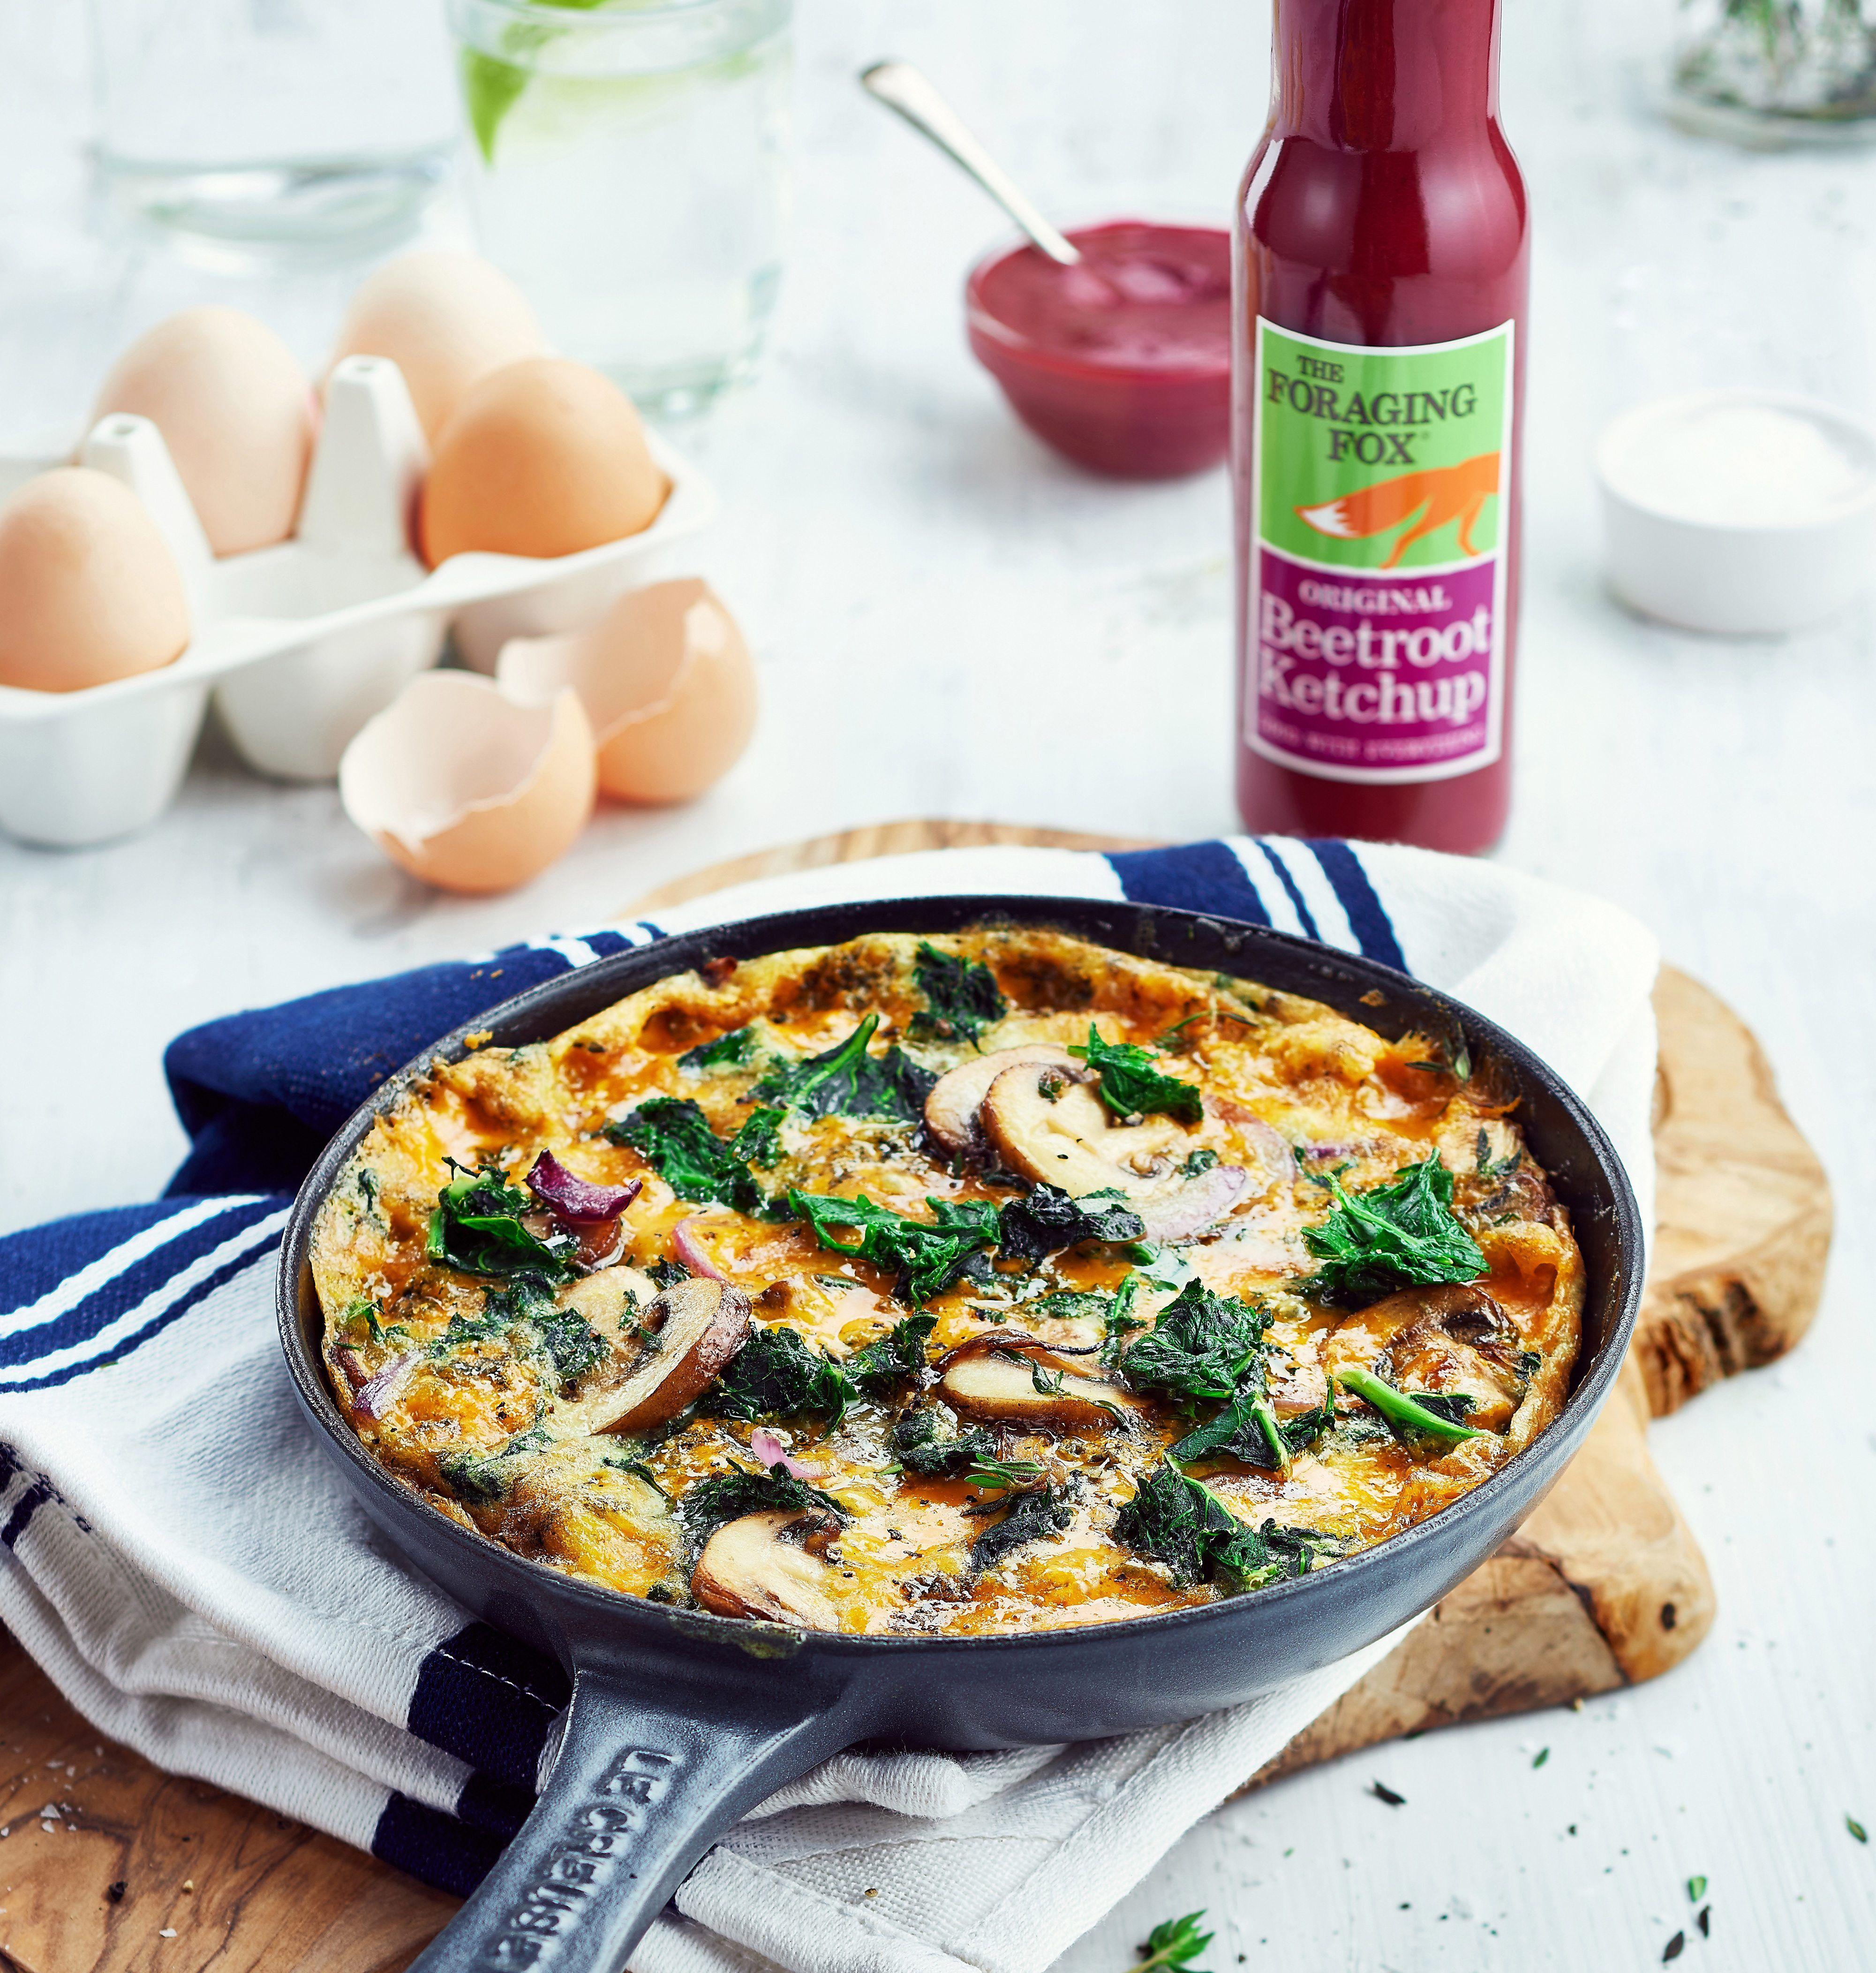 Die Frittata mit Pilzen und Salat schmeckt gekrönt mit dem Rote Bete Ketchup von Foraging Fox super lecker!